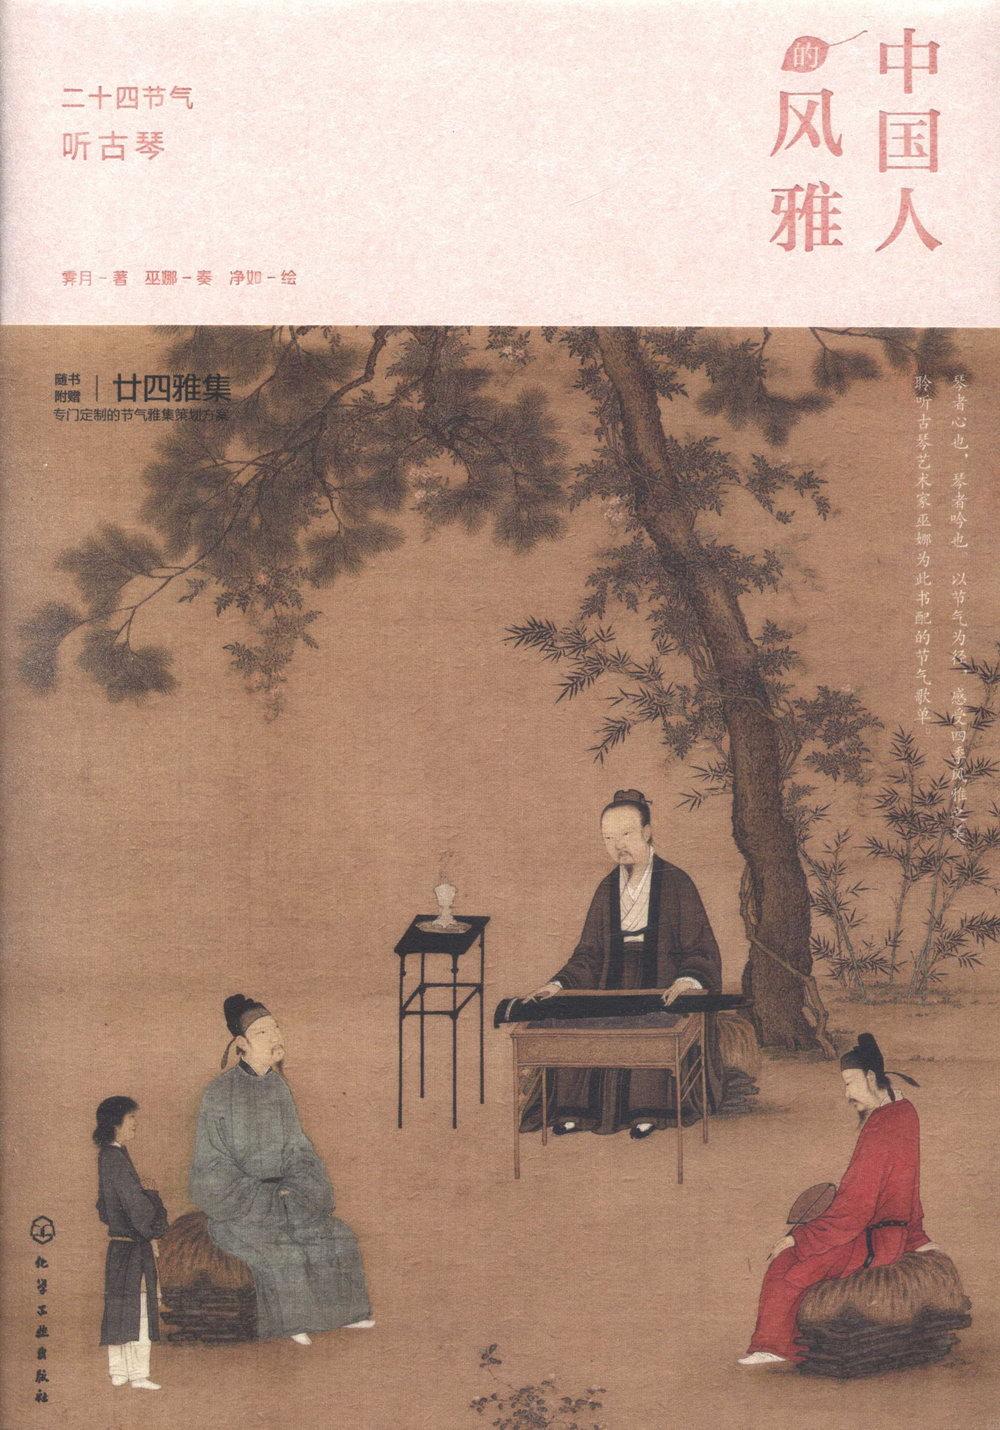 中國人的風雅:二十四節氣聽古琴